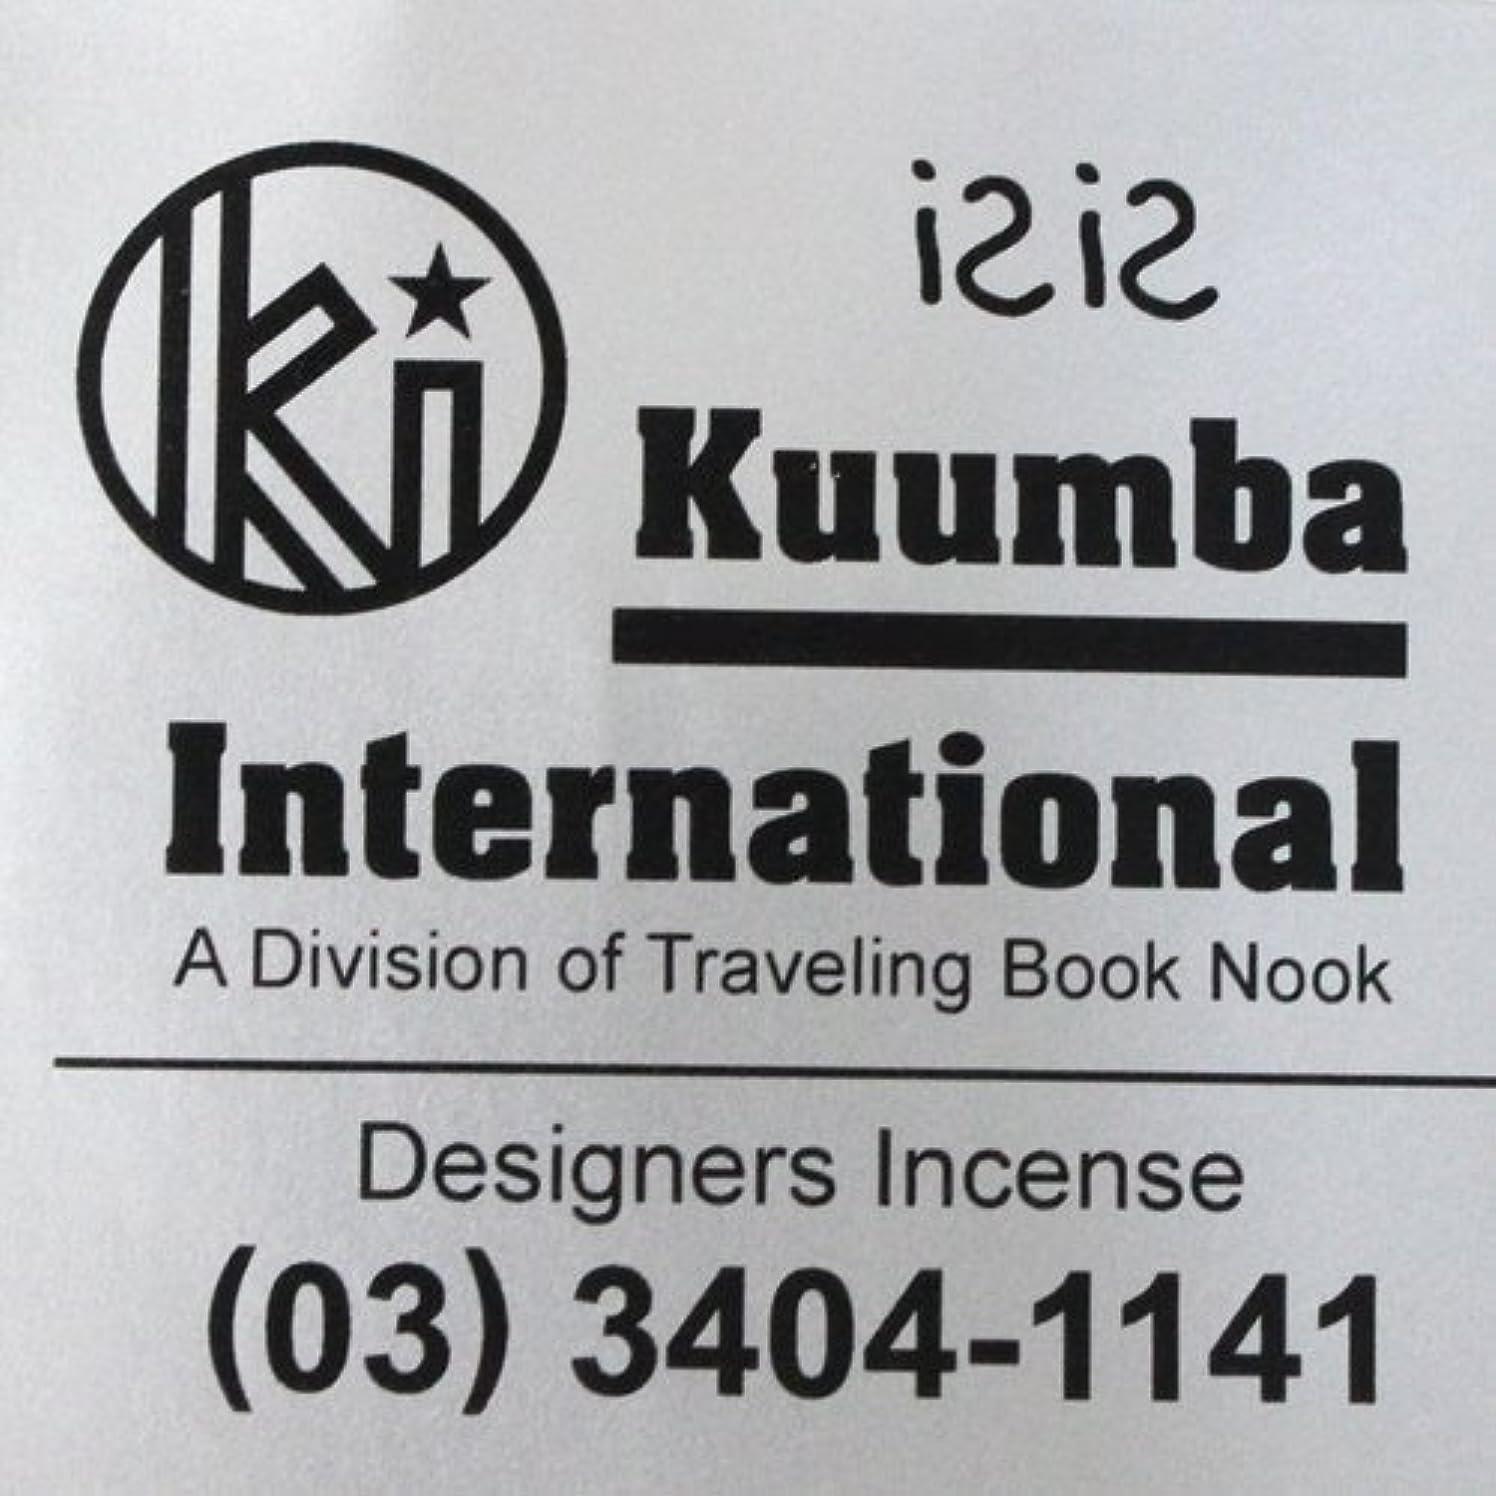 意気消沈した眉をひそめるジャグリングKuumba(クンバ)『incense』(iSiS) (Regular size)